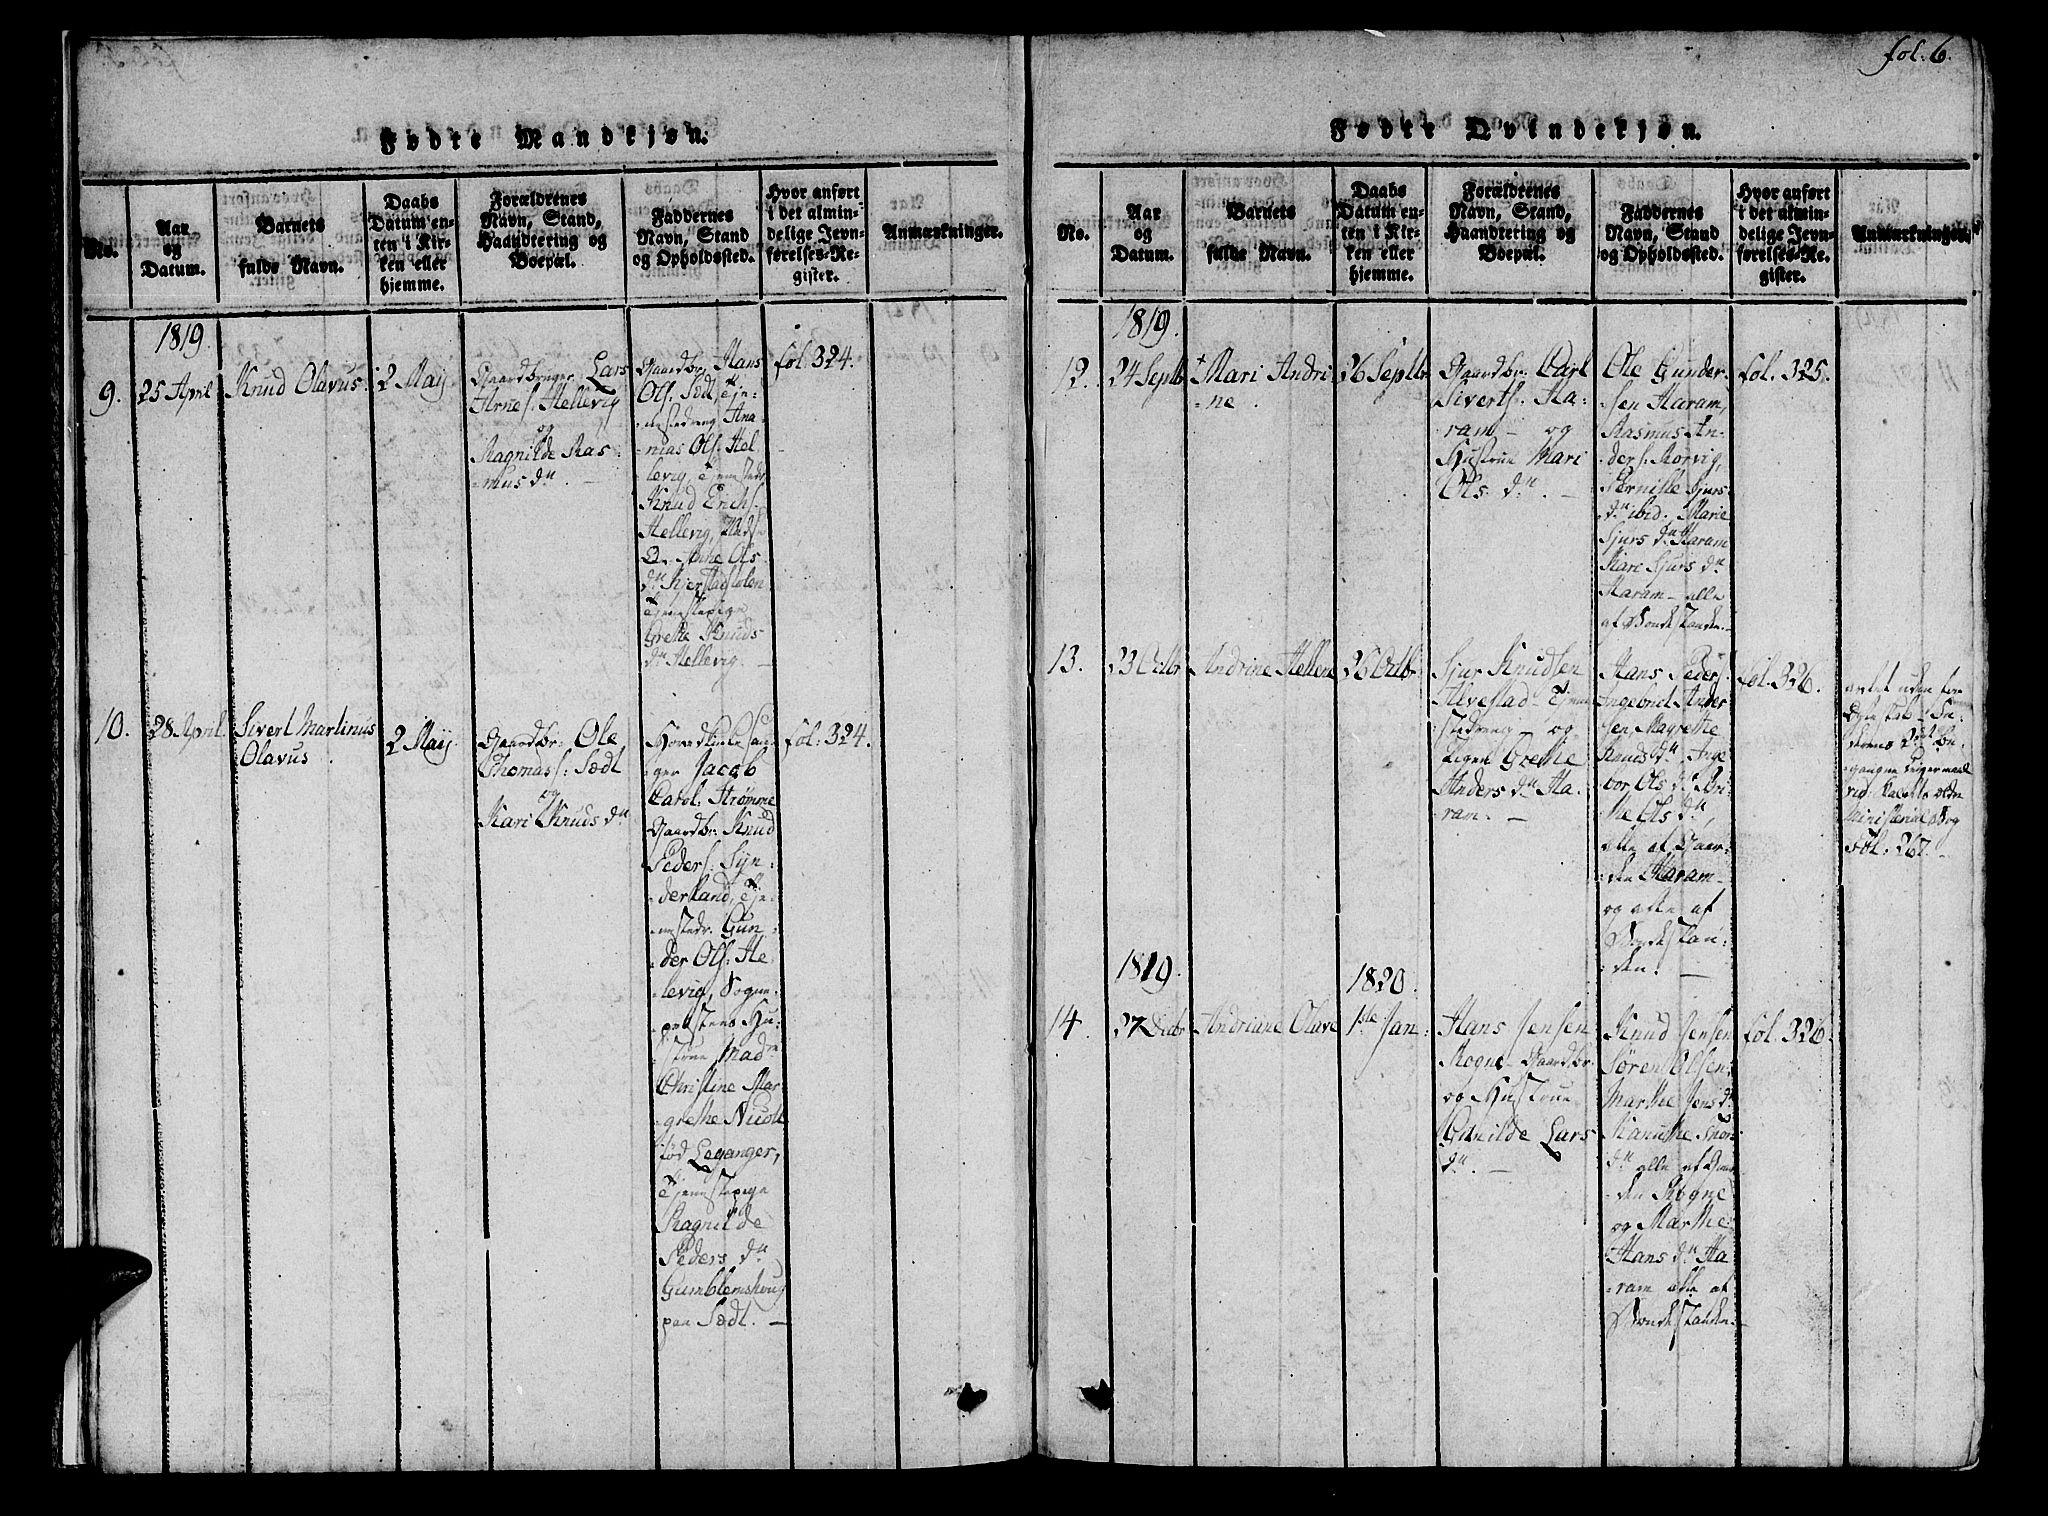 SAT, Ministerialprotokoller, klokkerbøker og fødselsregistre - Møre og Romsdal, 536/L0495: Ministerialbok nr. 536A04, 1818-1847, s. 6